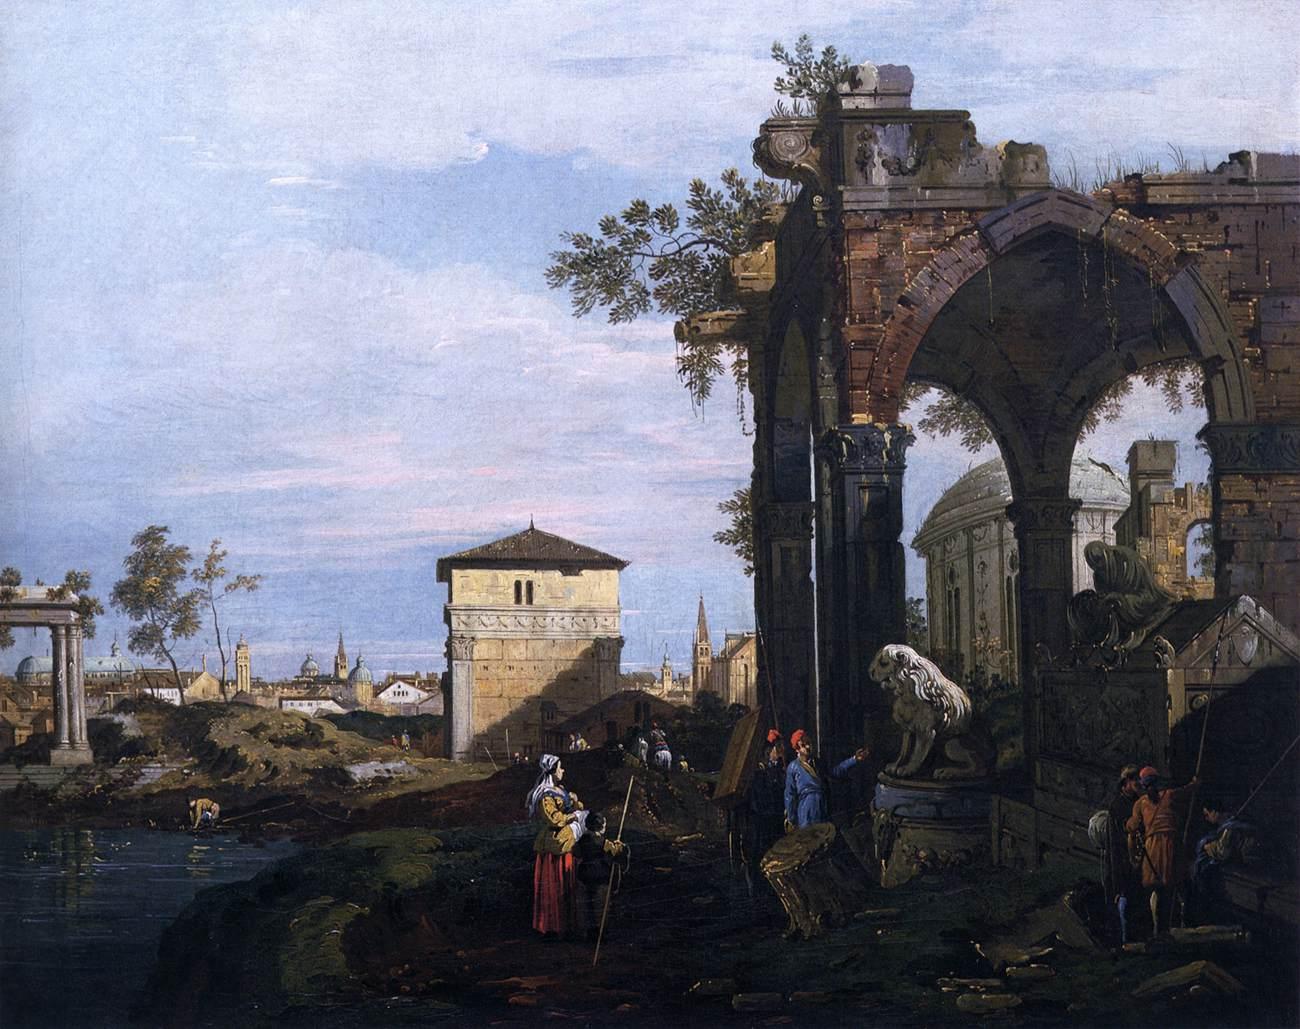 Canaletto, Capriccio con rovine e Porta Portello a Padova, 1750 circa, olio su tela, 61x76 cm, Gallerie dell'Accademia, Venezia